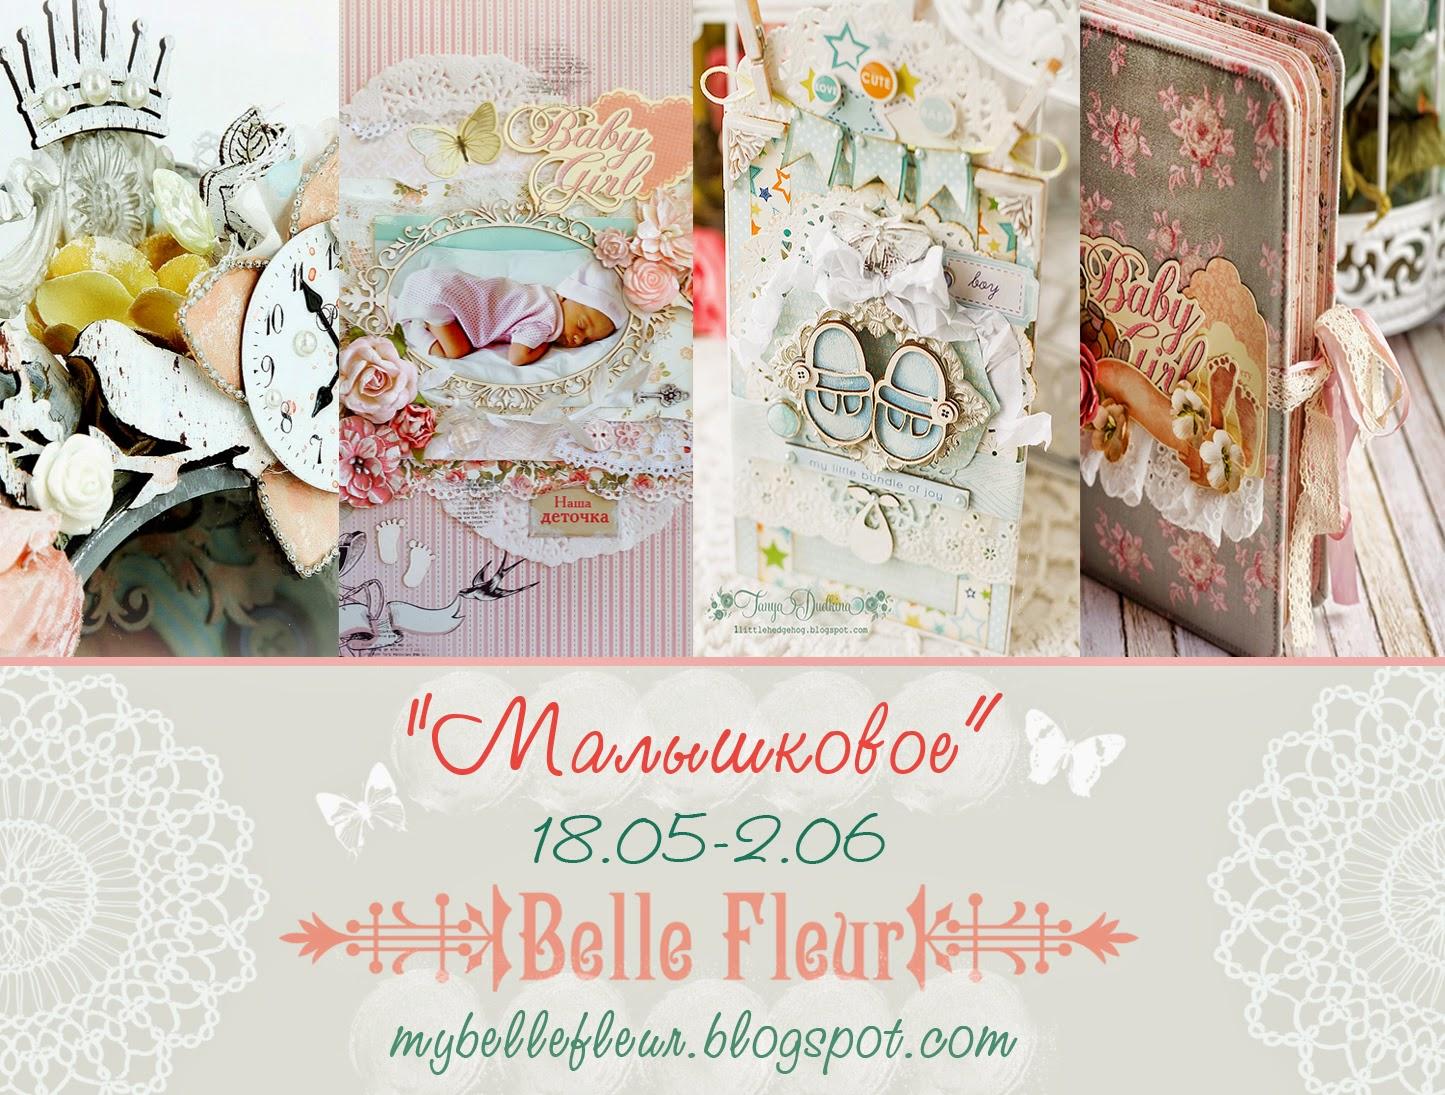 http://mybellefleur.blogspot.com/2014/05/14.html